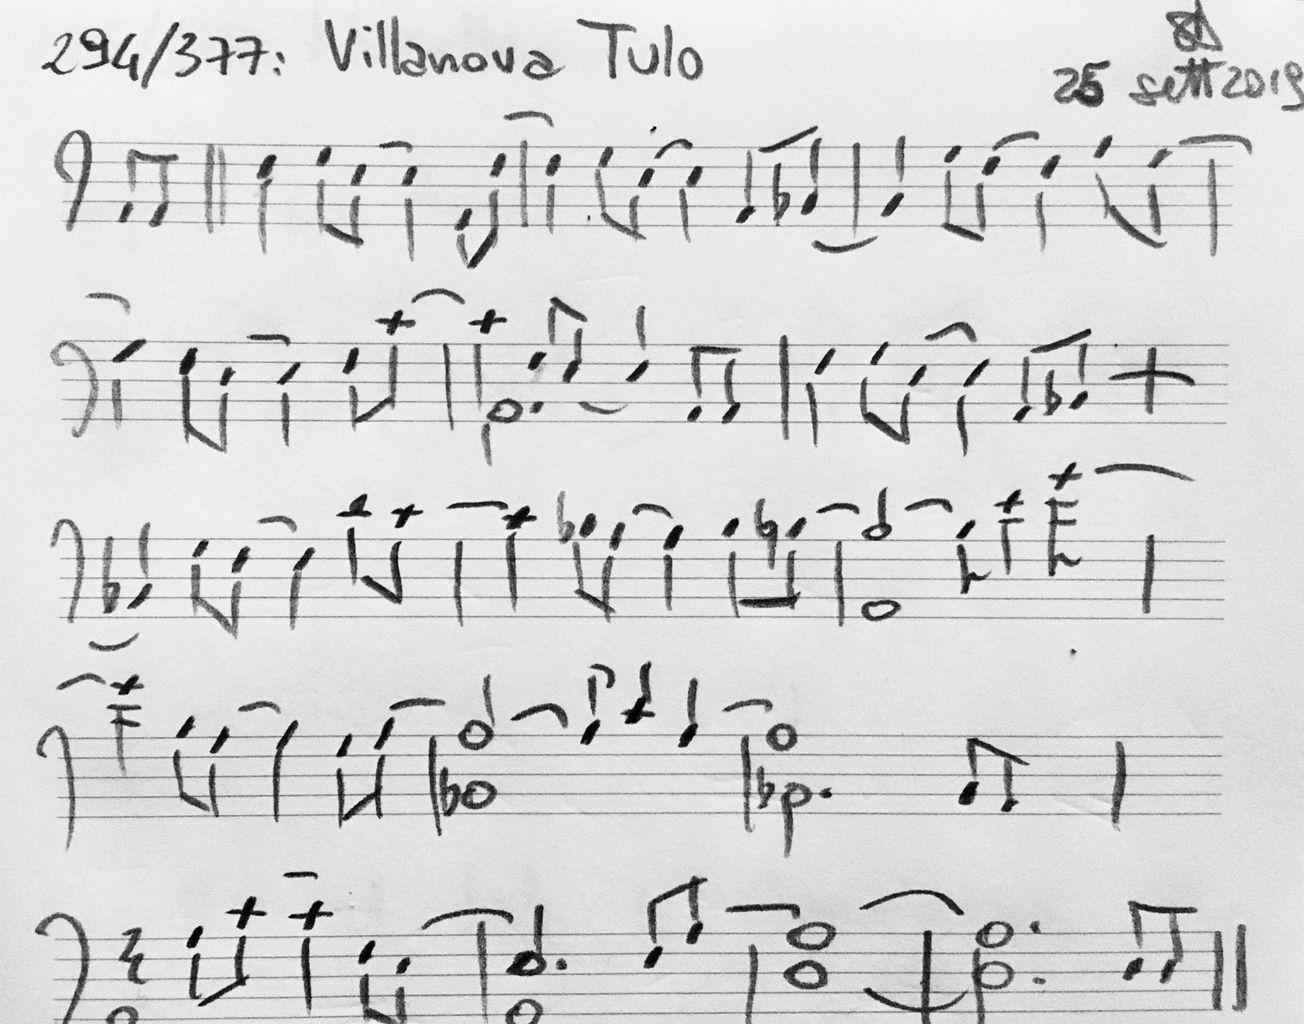 294-Villanova-Tulo-score